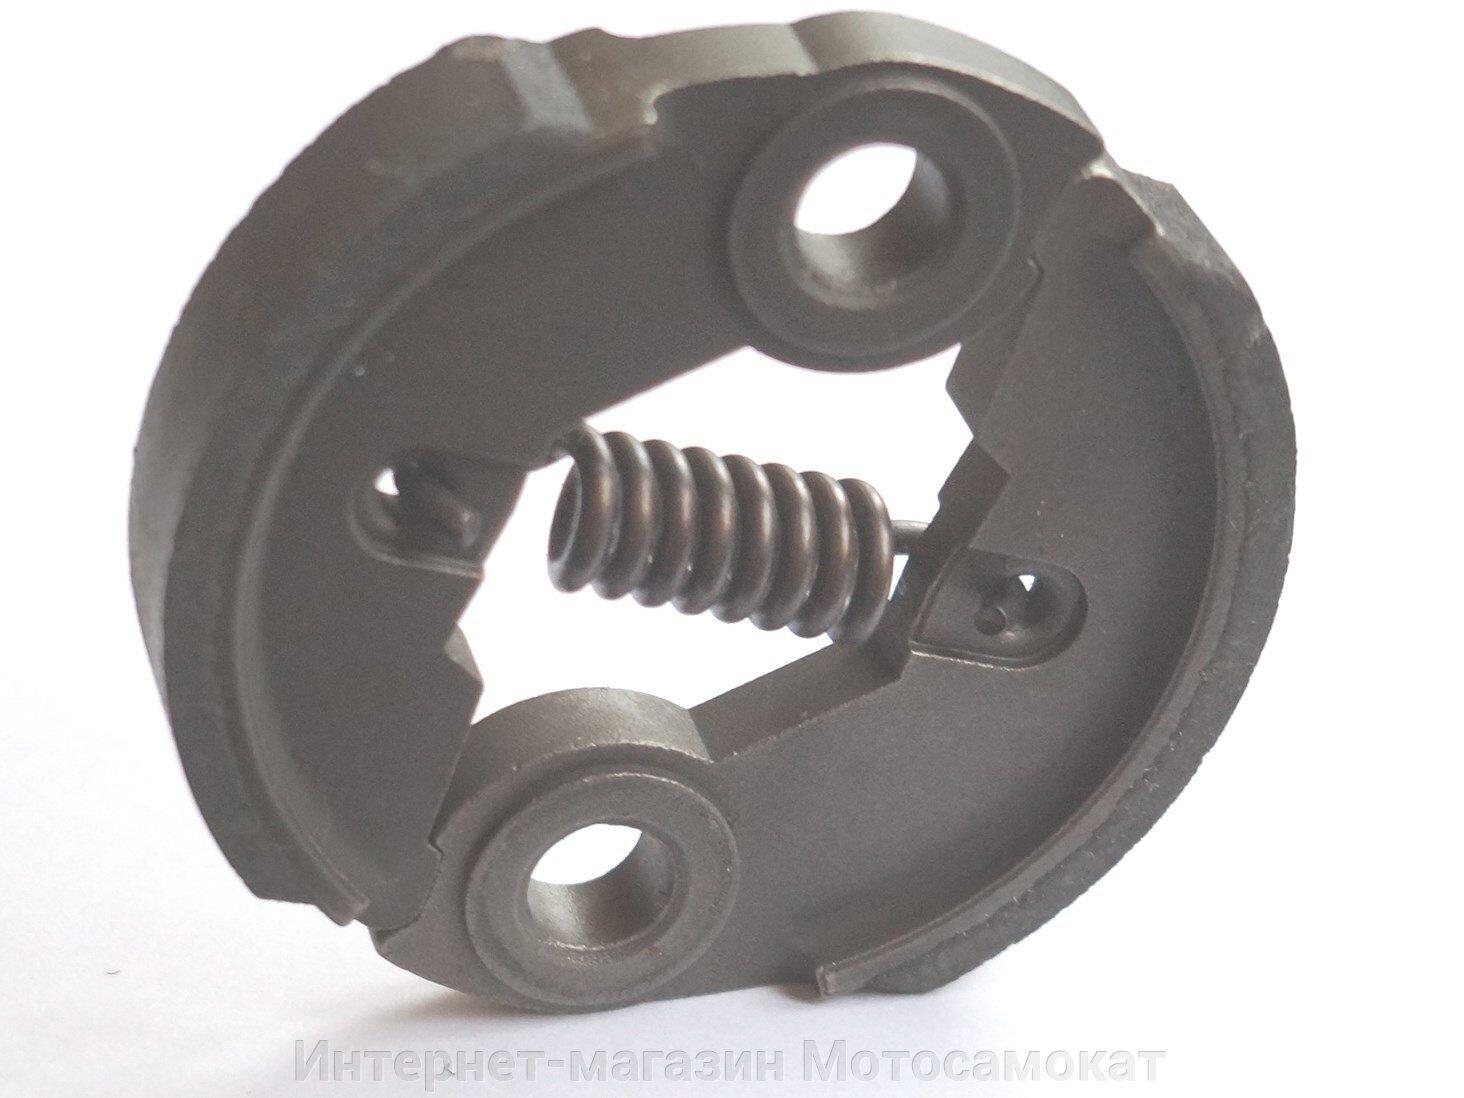 Колодки центробежного автоматического сцепления для двигателя 33-52 куб. см. - фото Колодки центробежного автоматического сцепления для двигателя 33-52 куб.см.